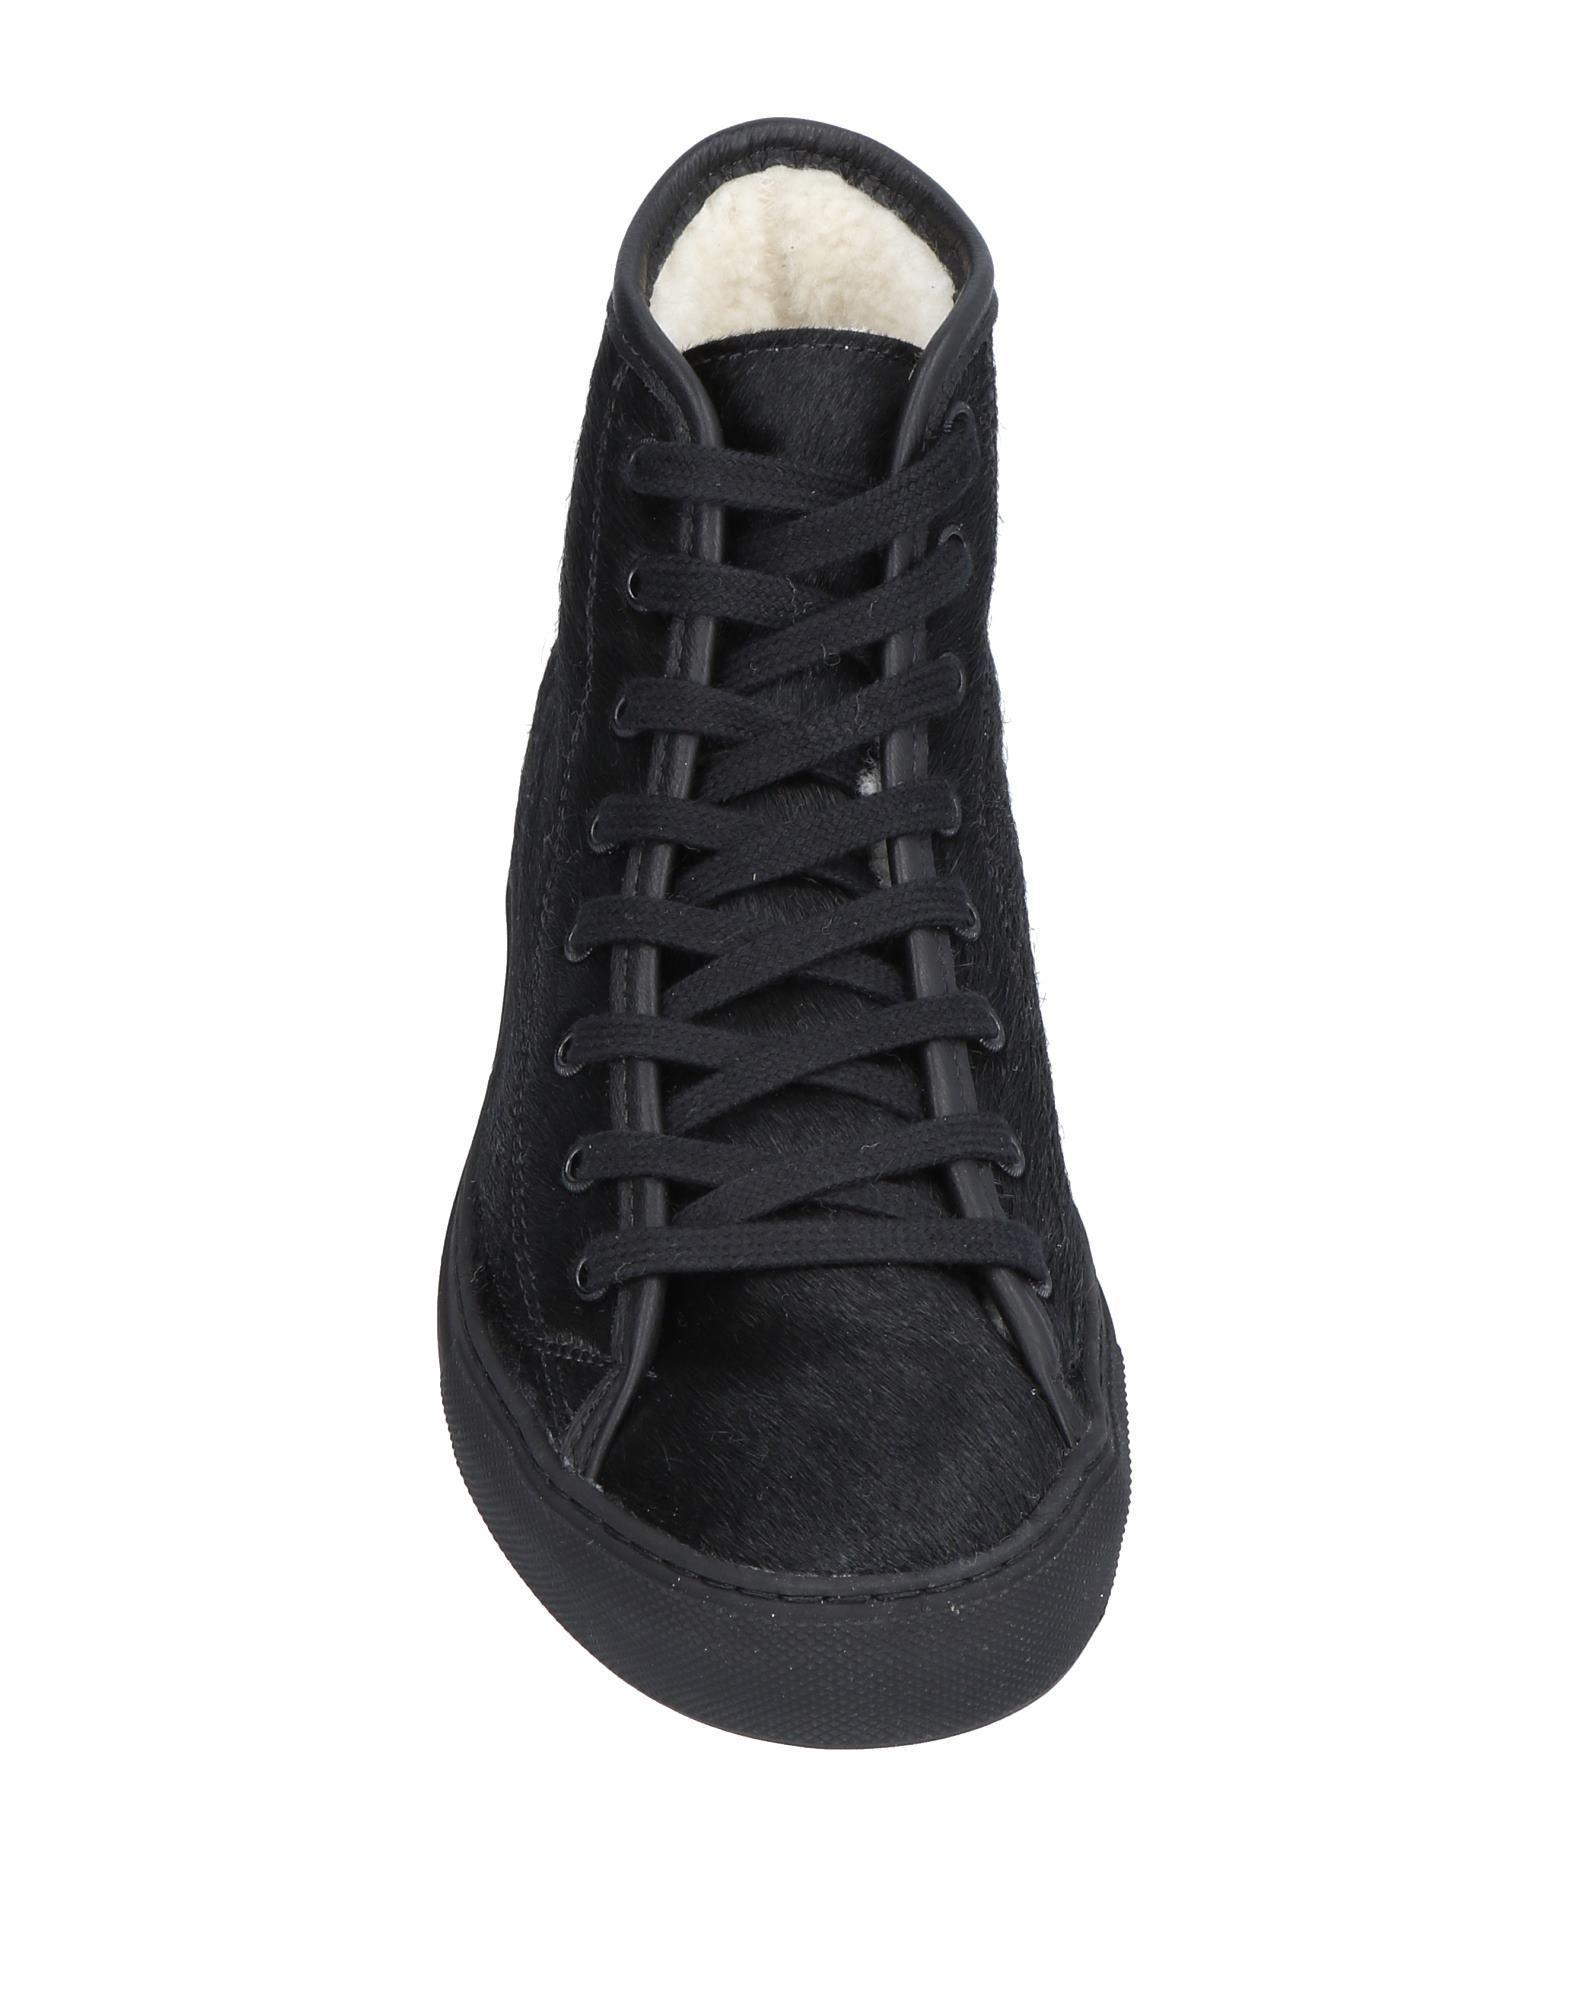 Diemme High-tops & Sneakers in Black